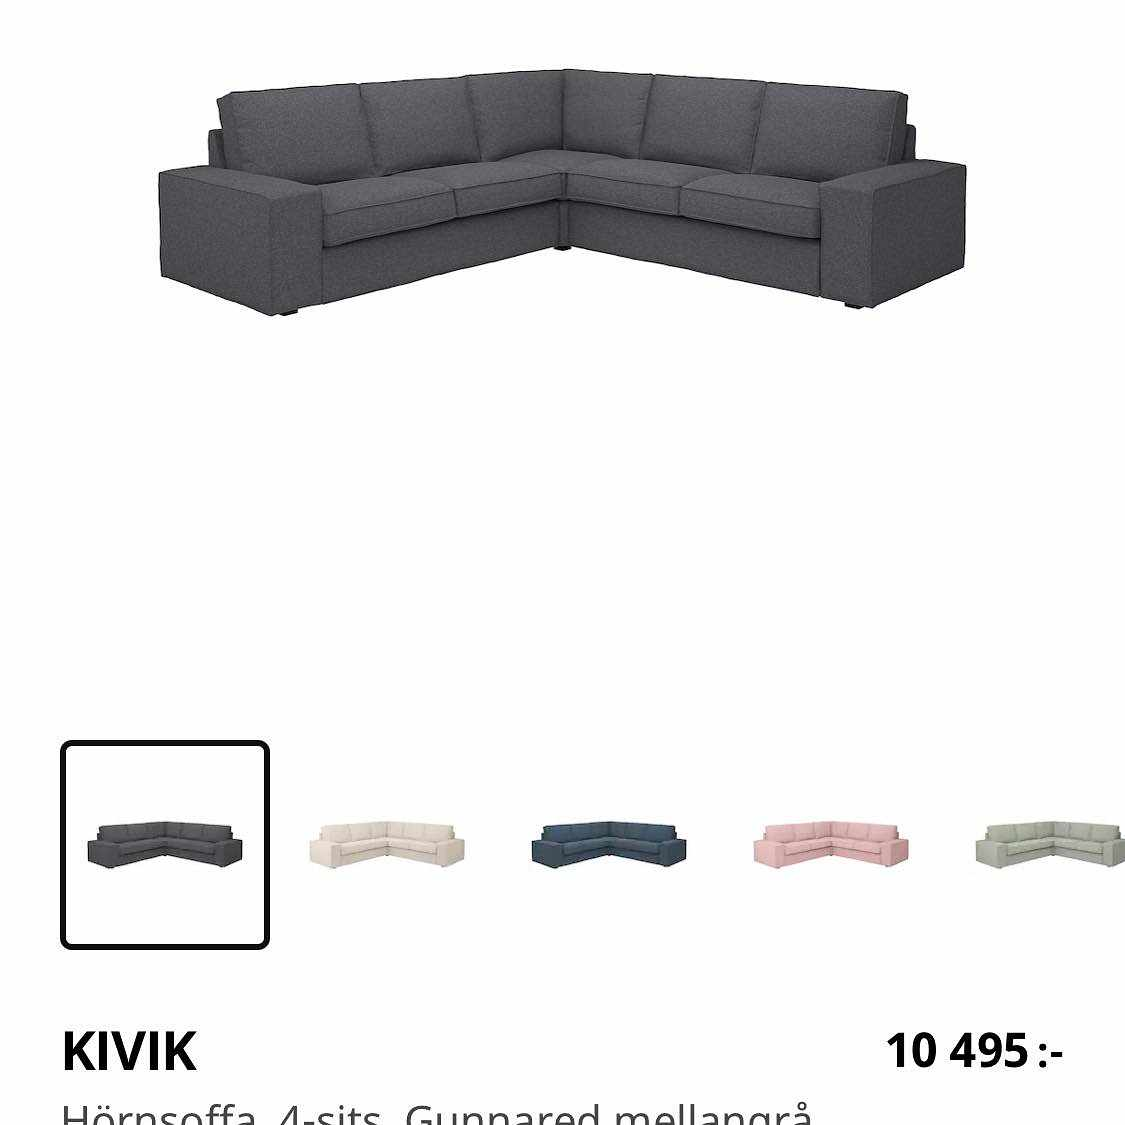 image of Gratis soffa (nästan ny) - Hägersten